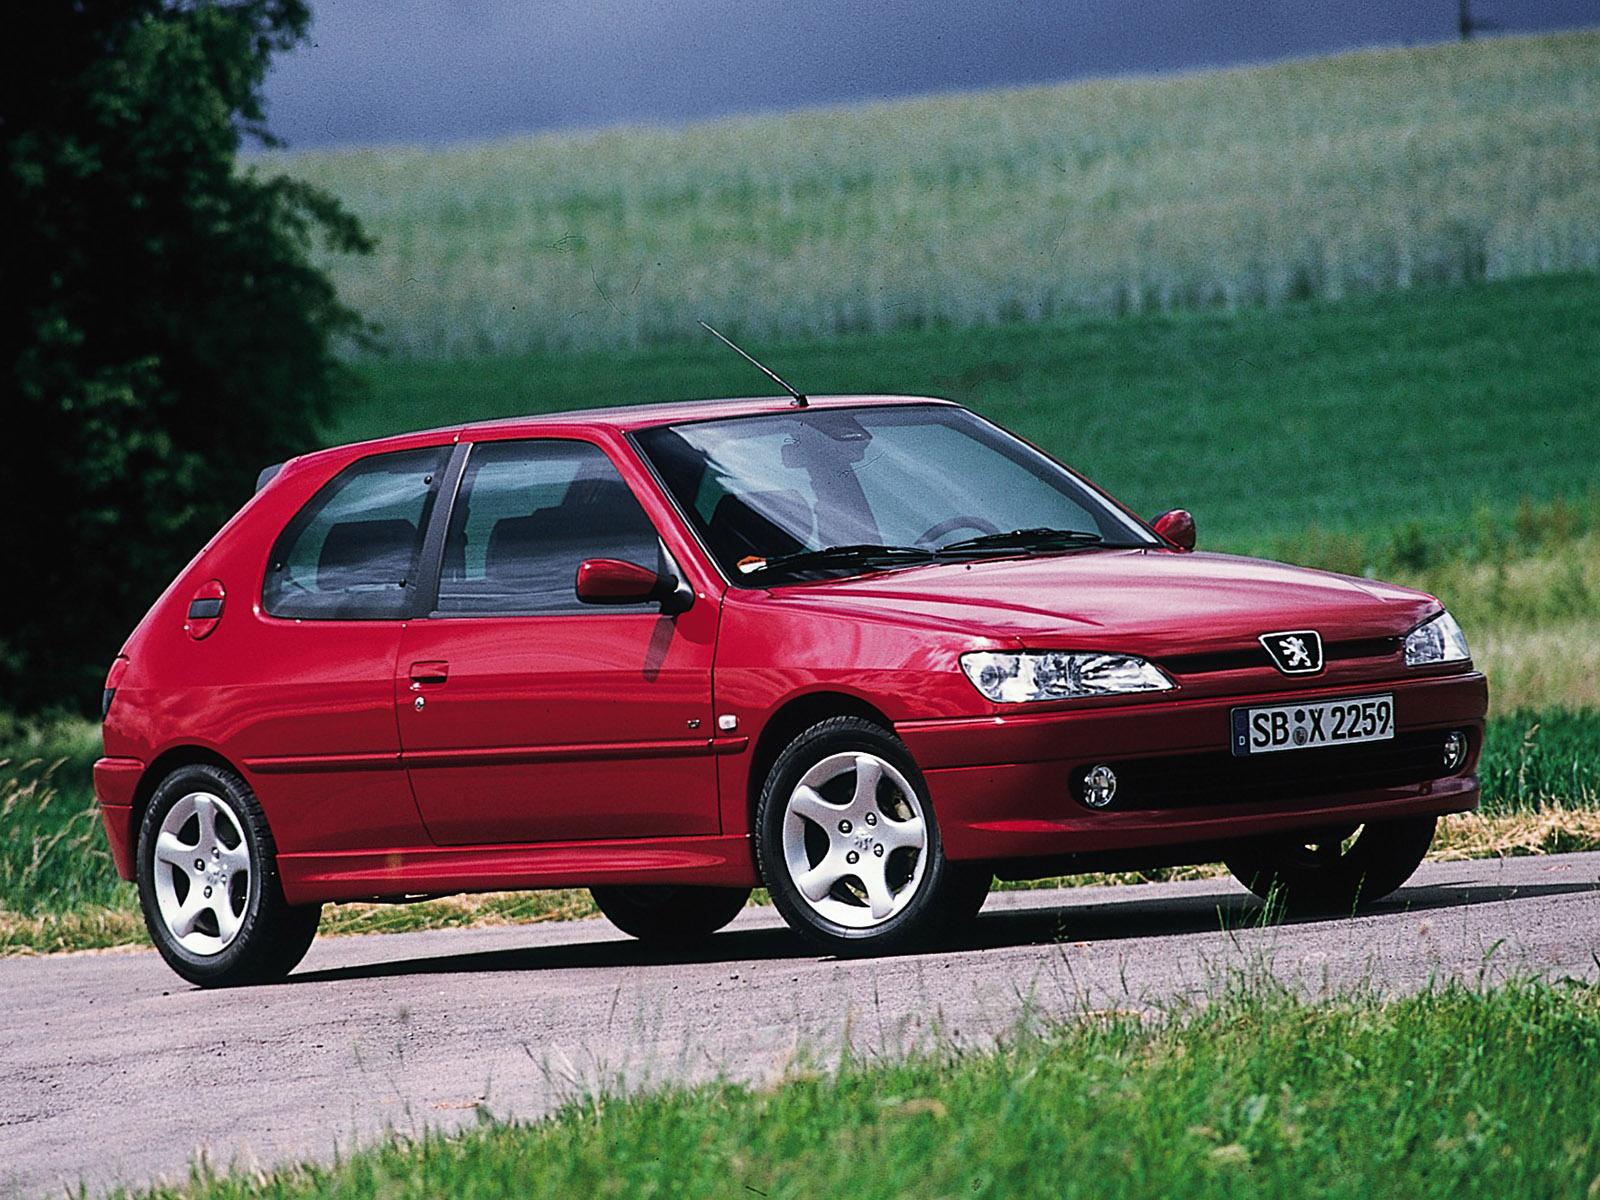 peugeot_306-3-door-1997-2002_r5.jpg